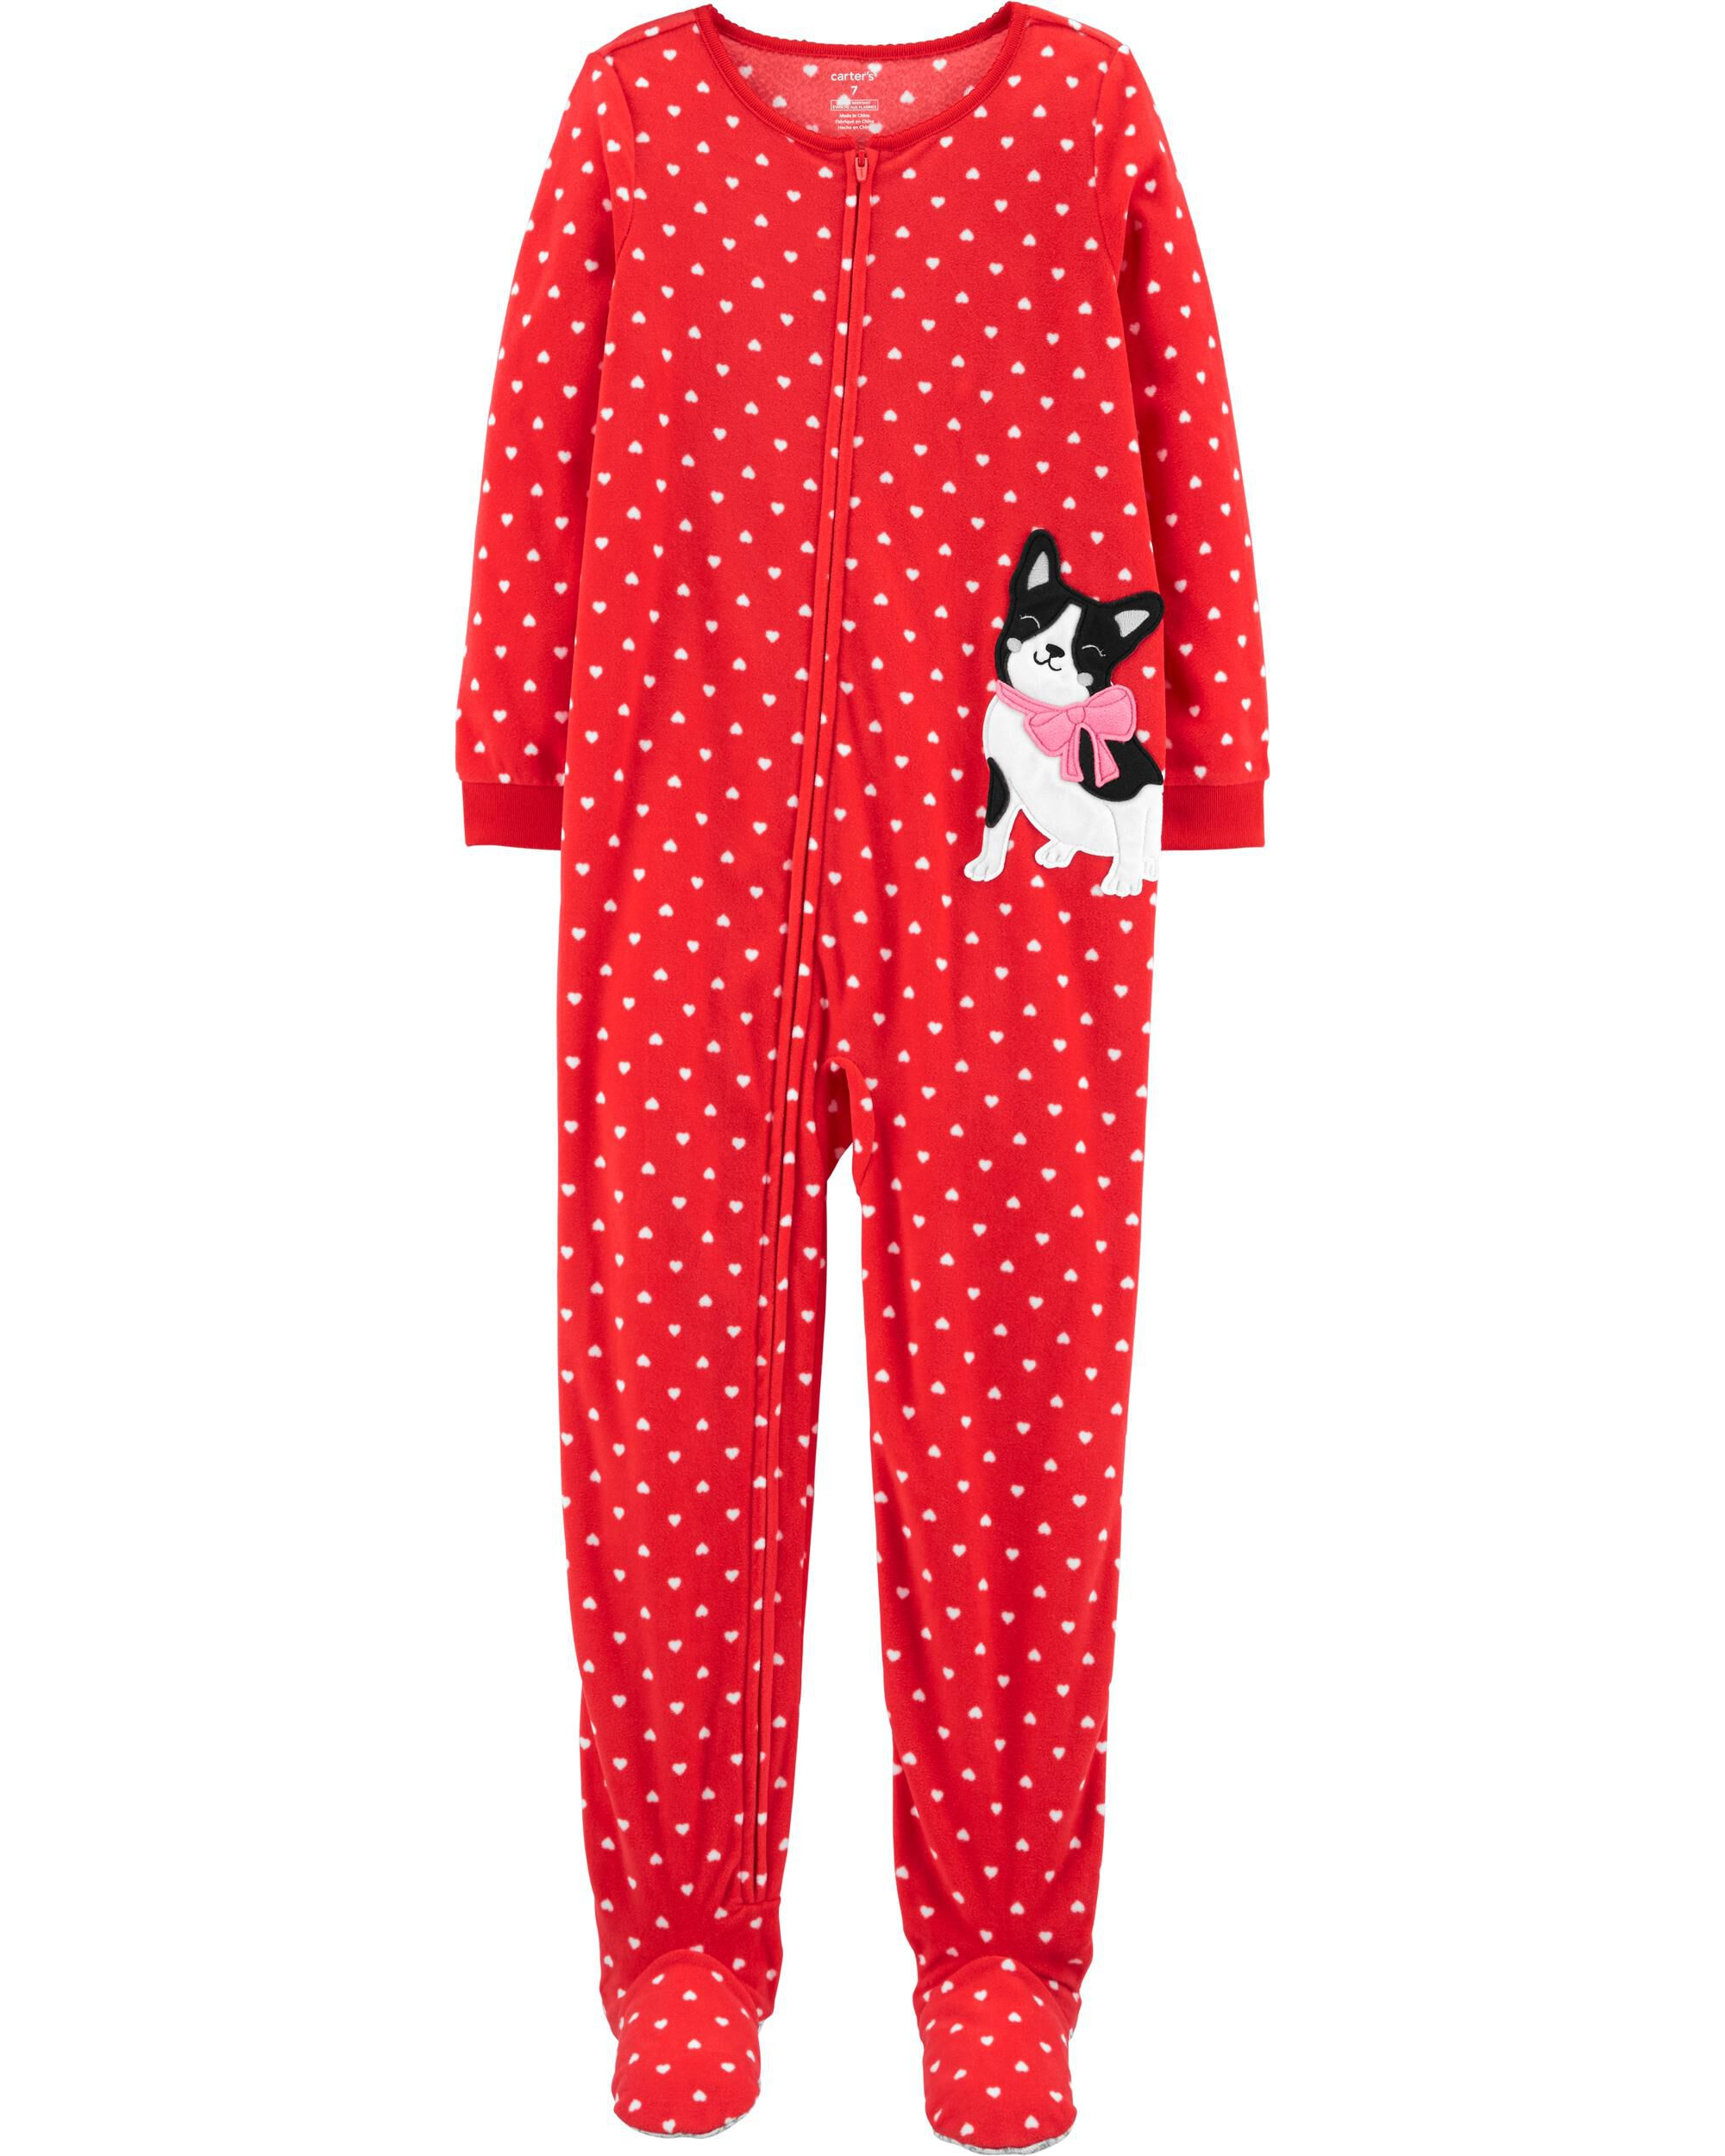 *DOORBUSTER* 1-Piece French Bulldog Fleece Footie PJs